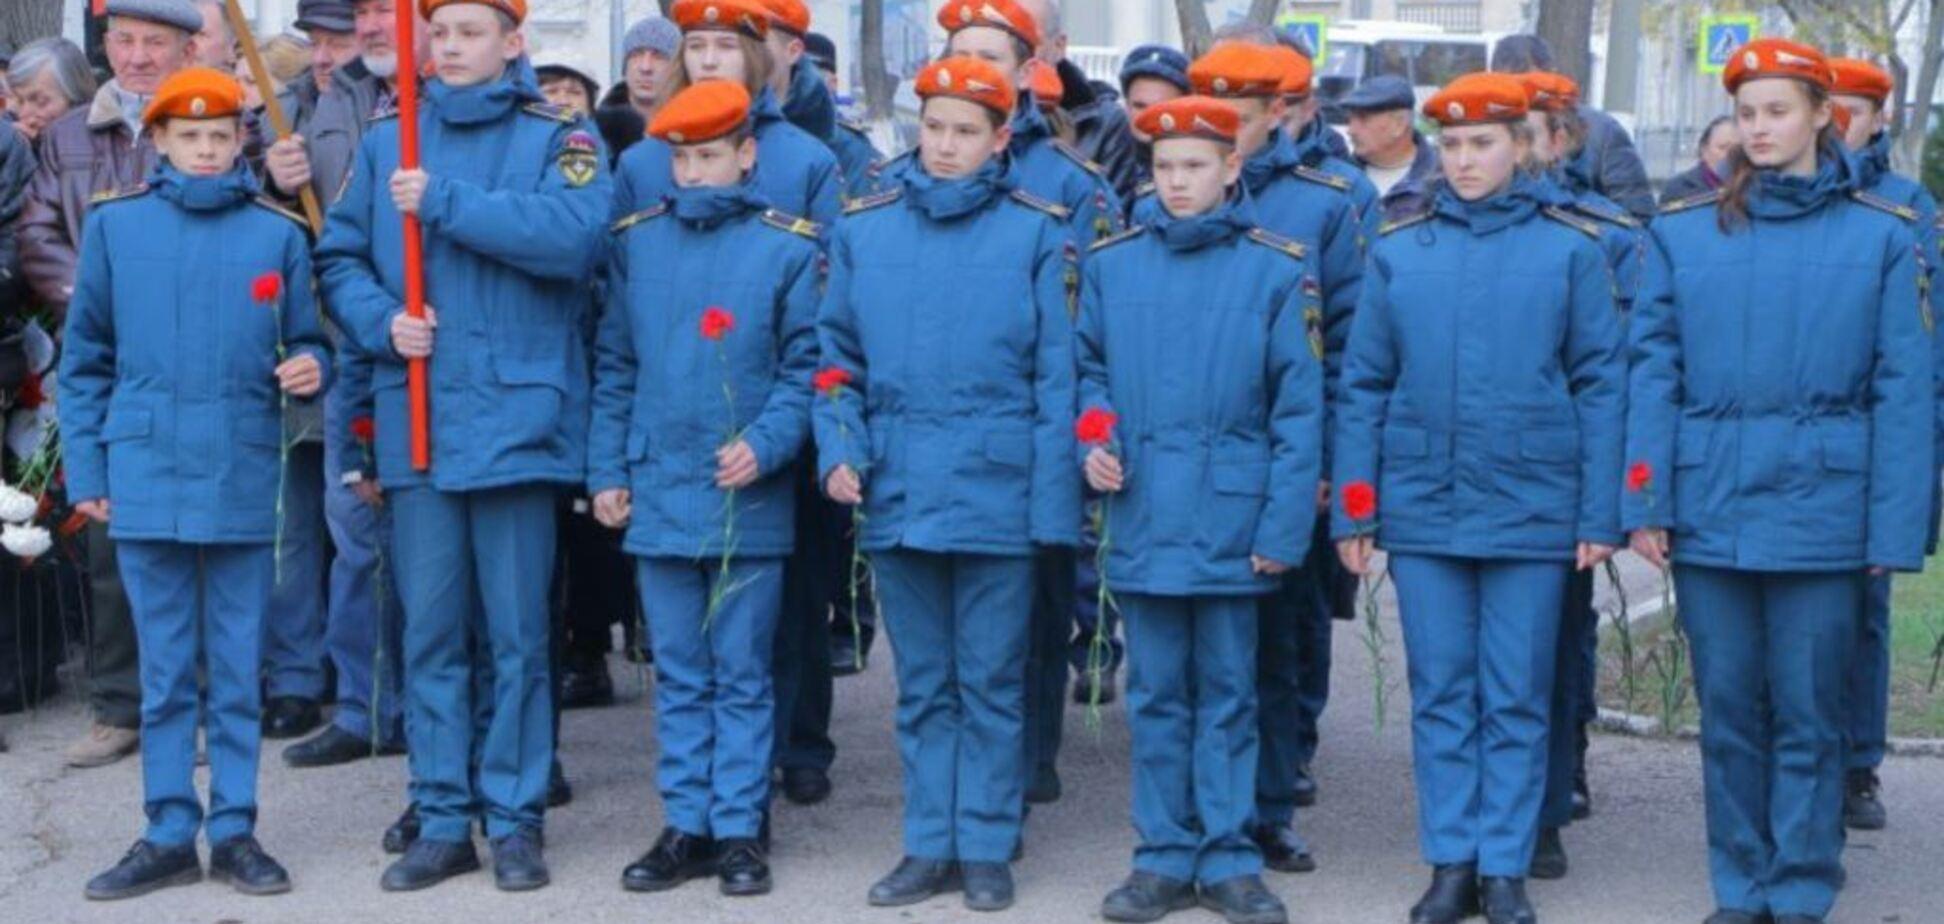 Зігнали дітей у військовій формі: ''зомбі-мітинг'' у Криму висміяли в мережі